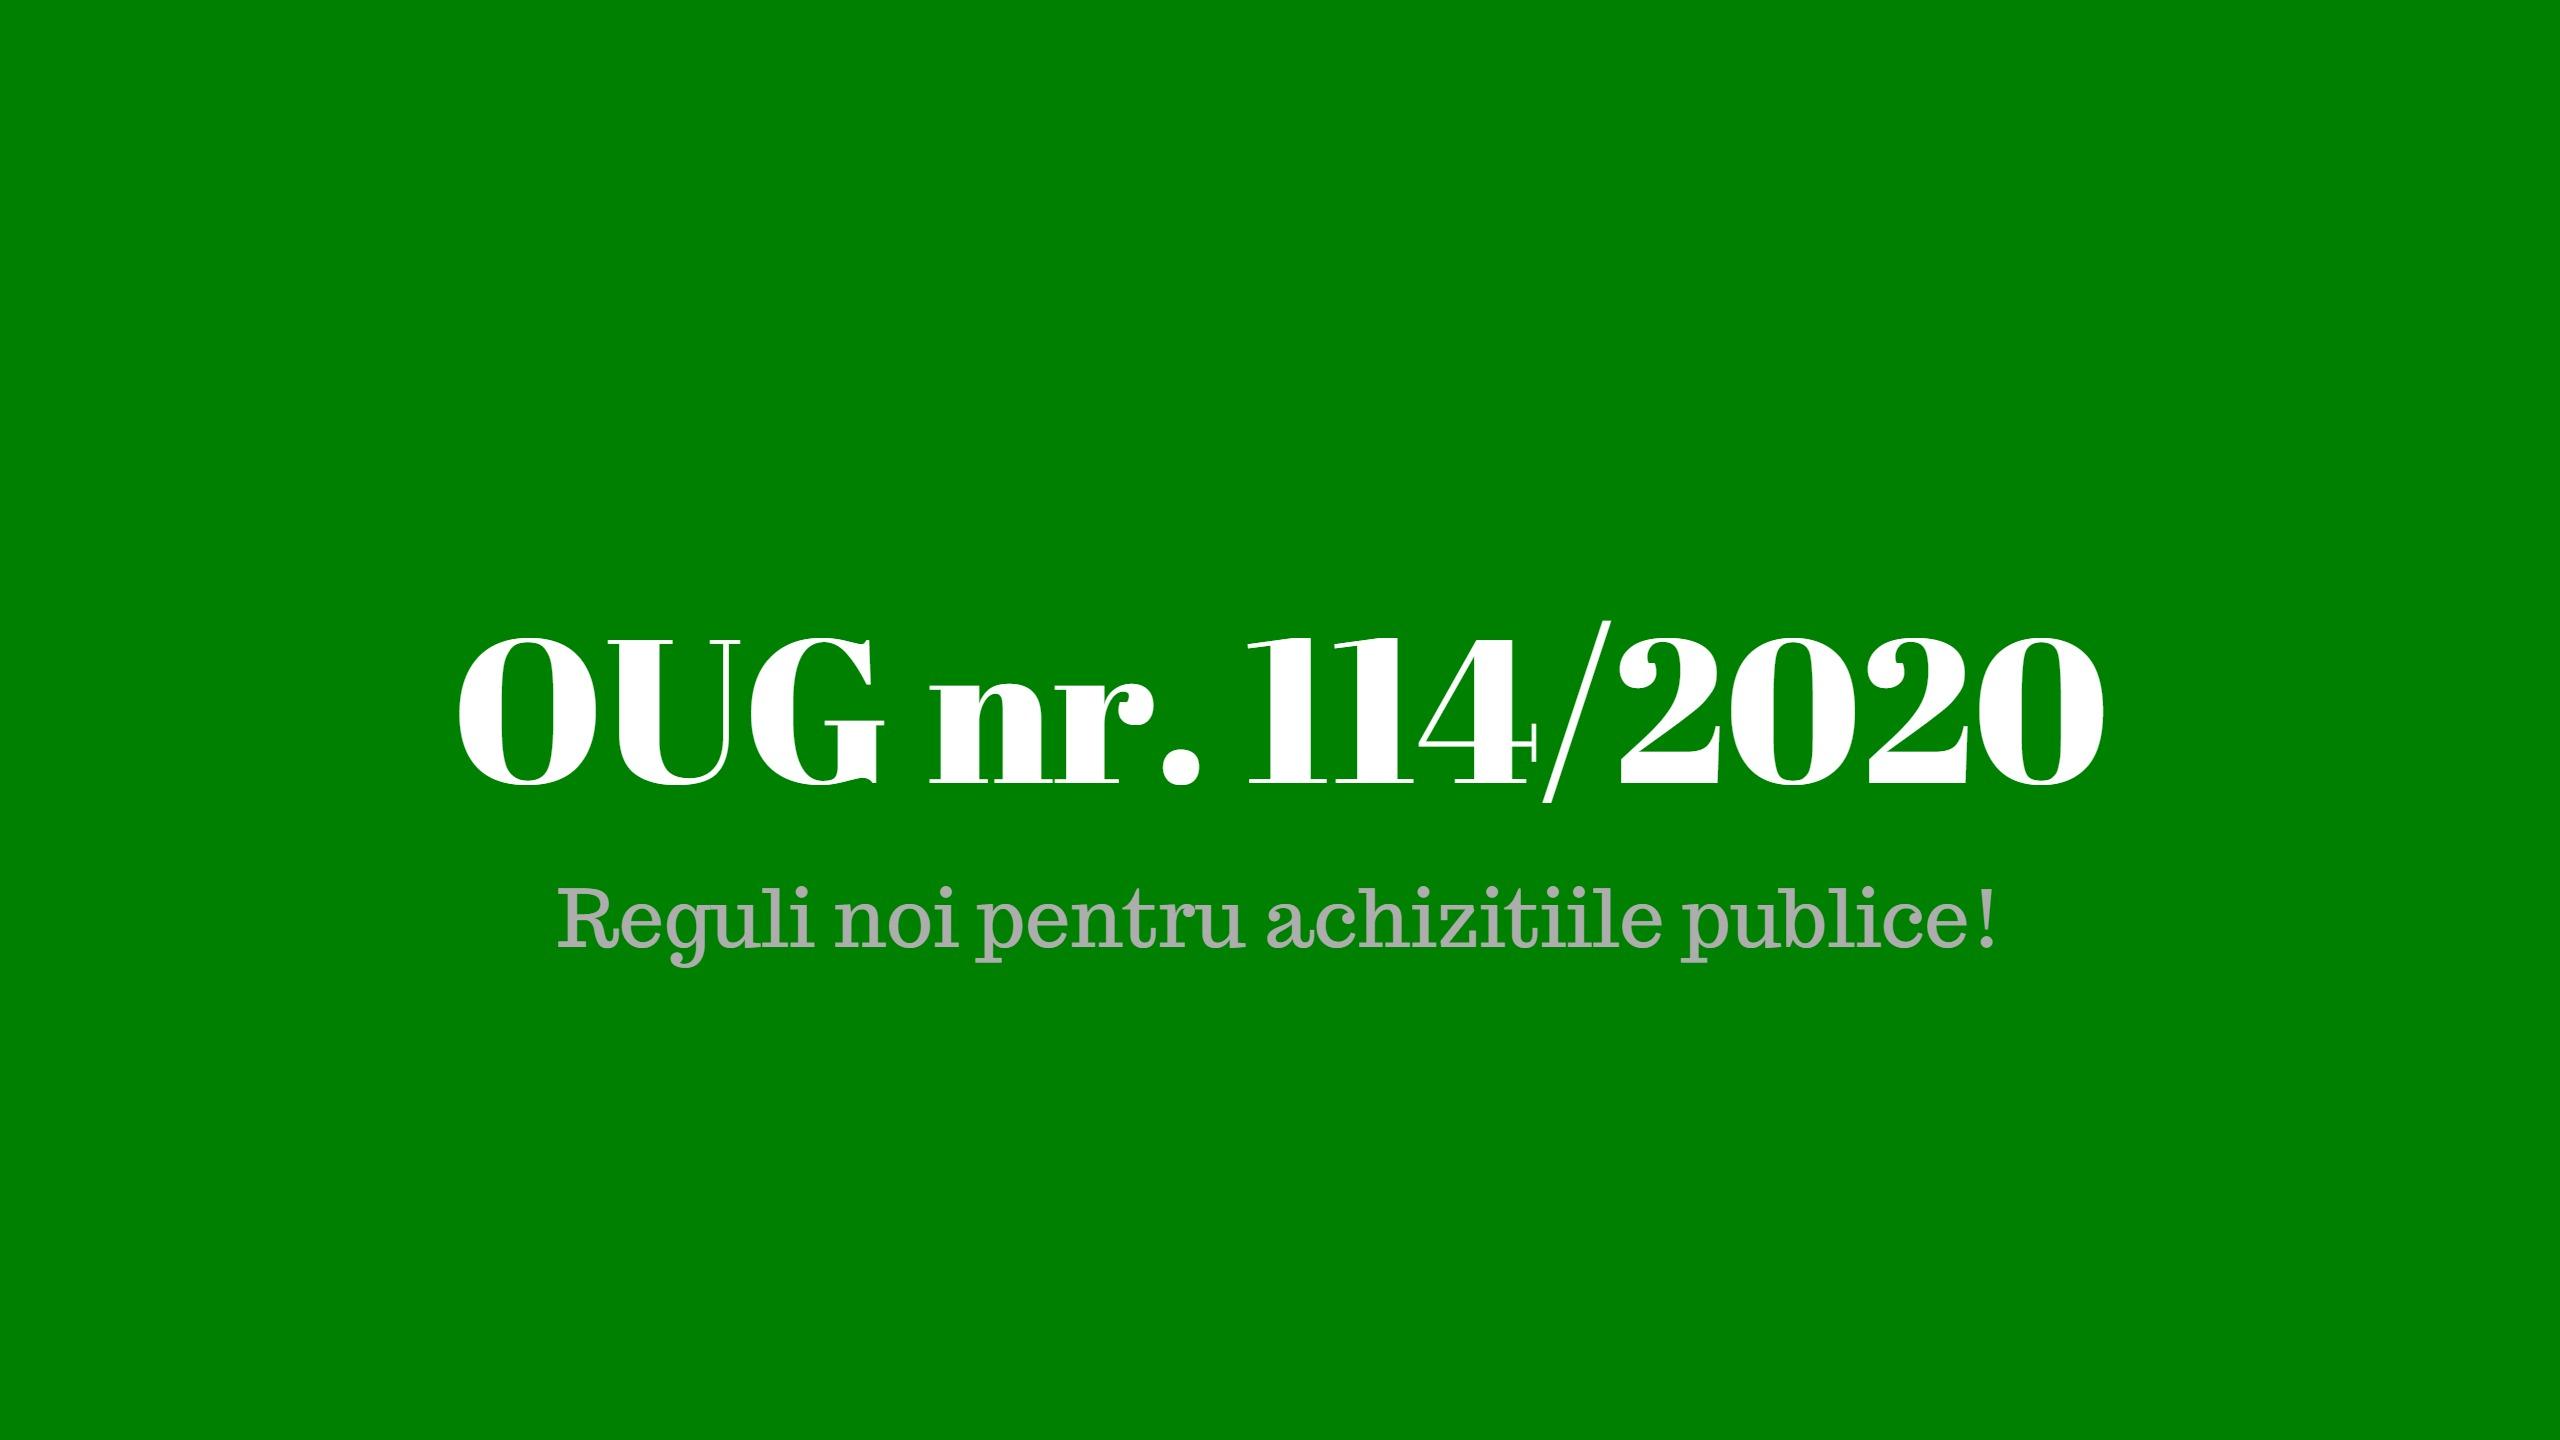 OUG nr. 114 din 2020 modifica legislatia privind achizitiile publice